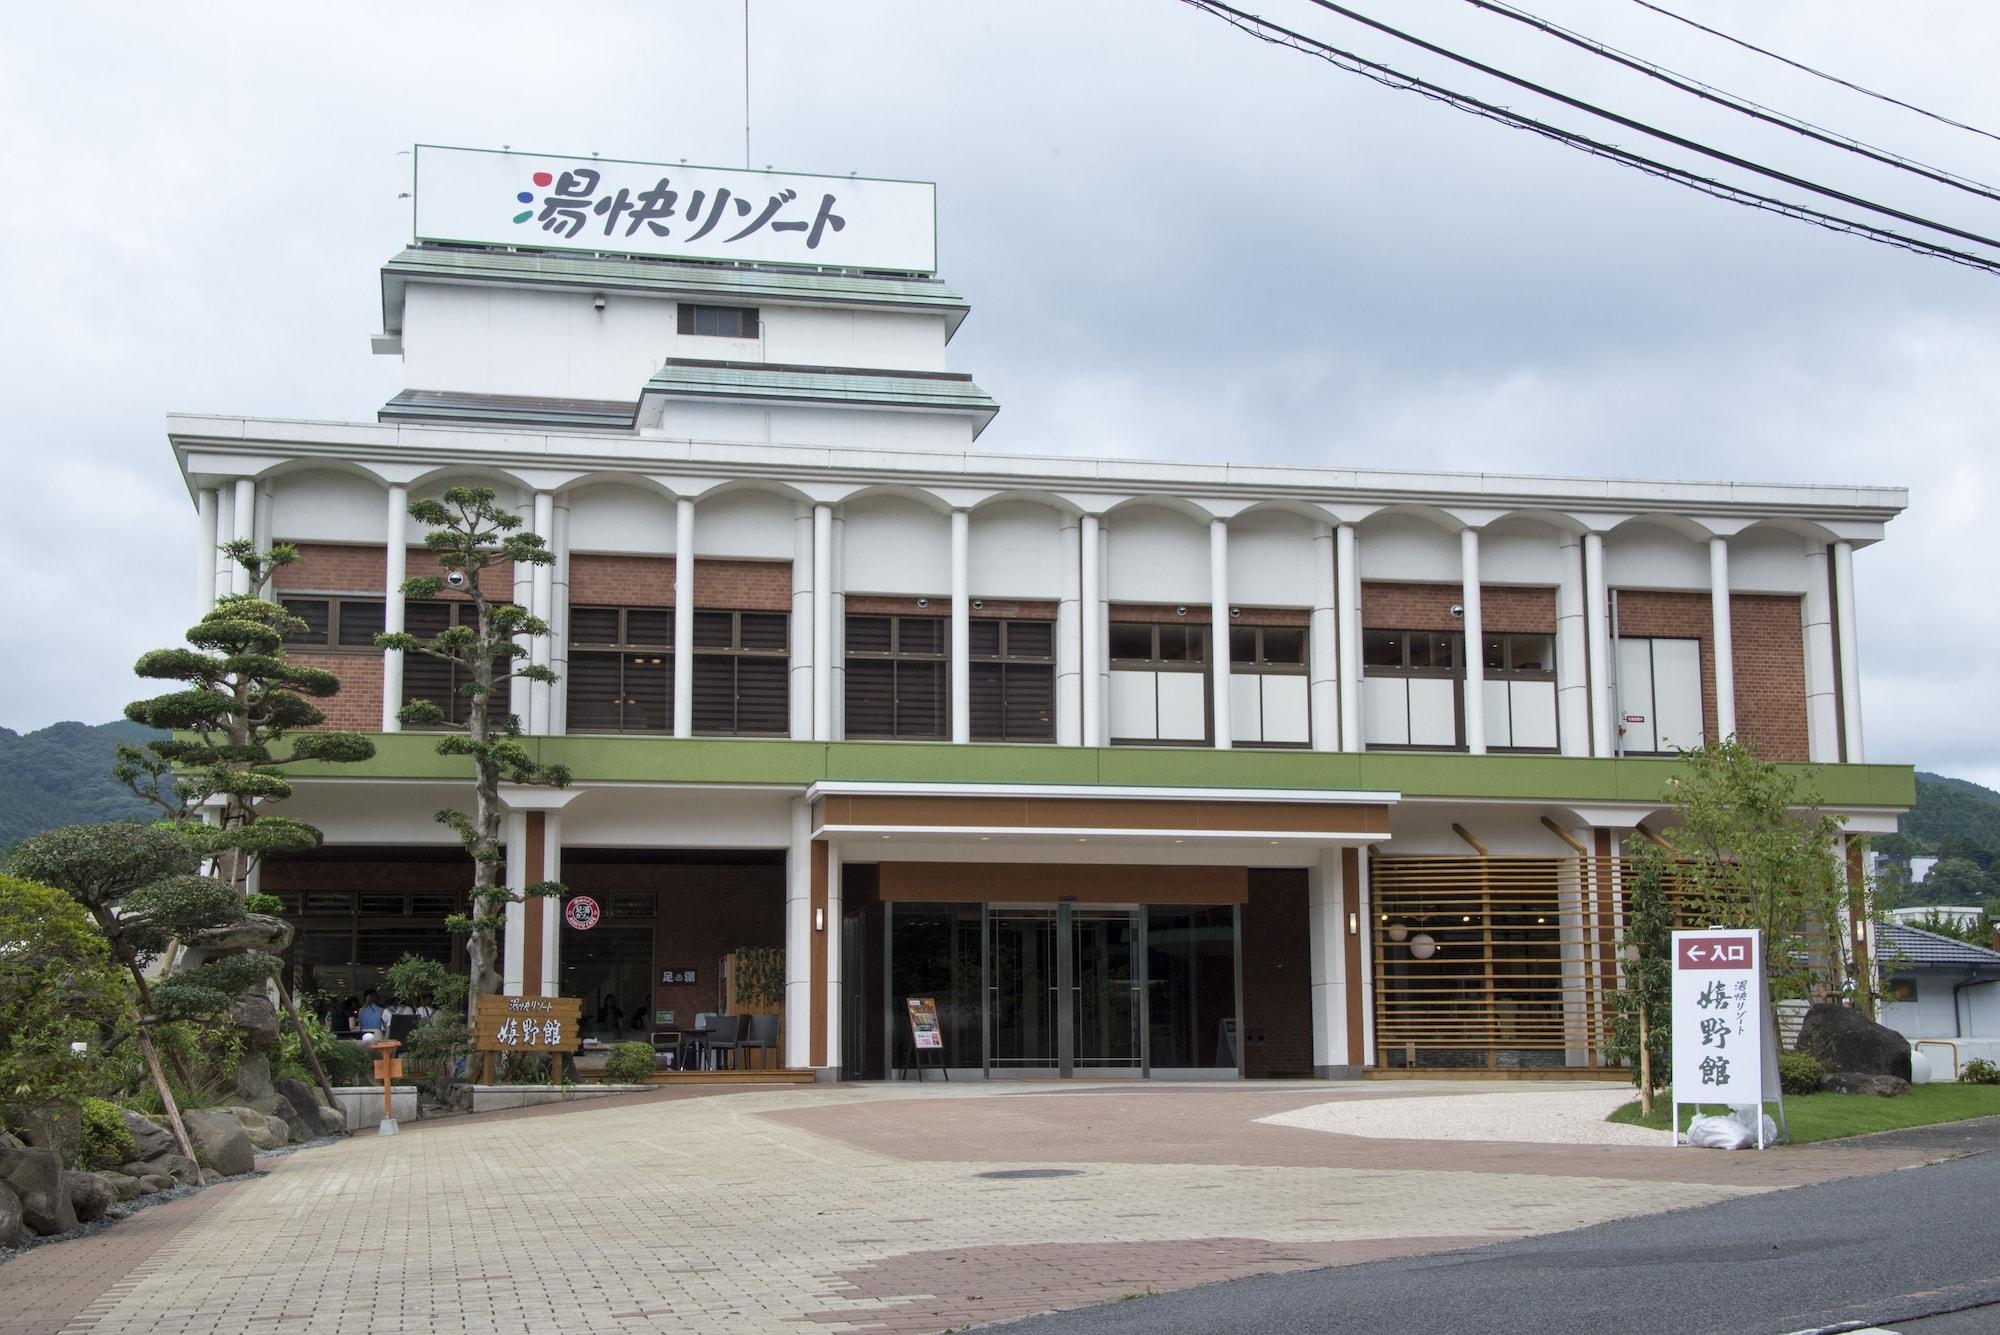 Yukai Resort Ureshinoonsen Ureshinokan, Ureshino